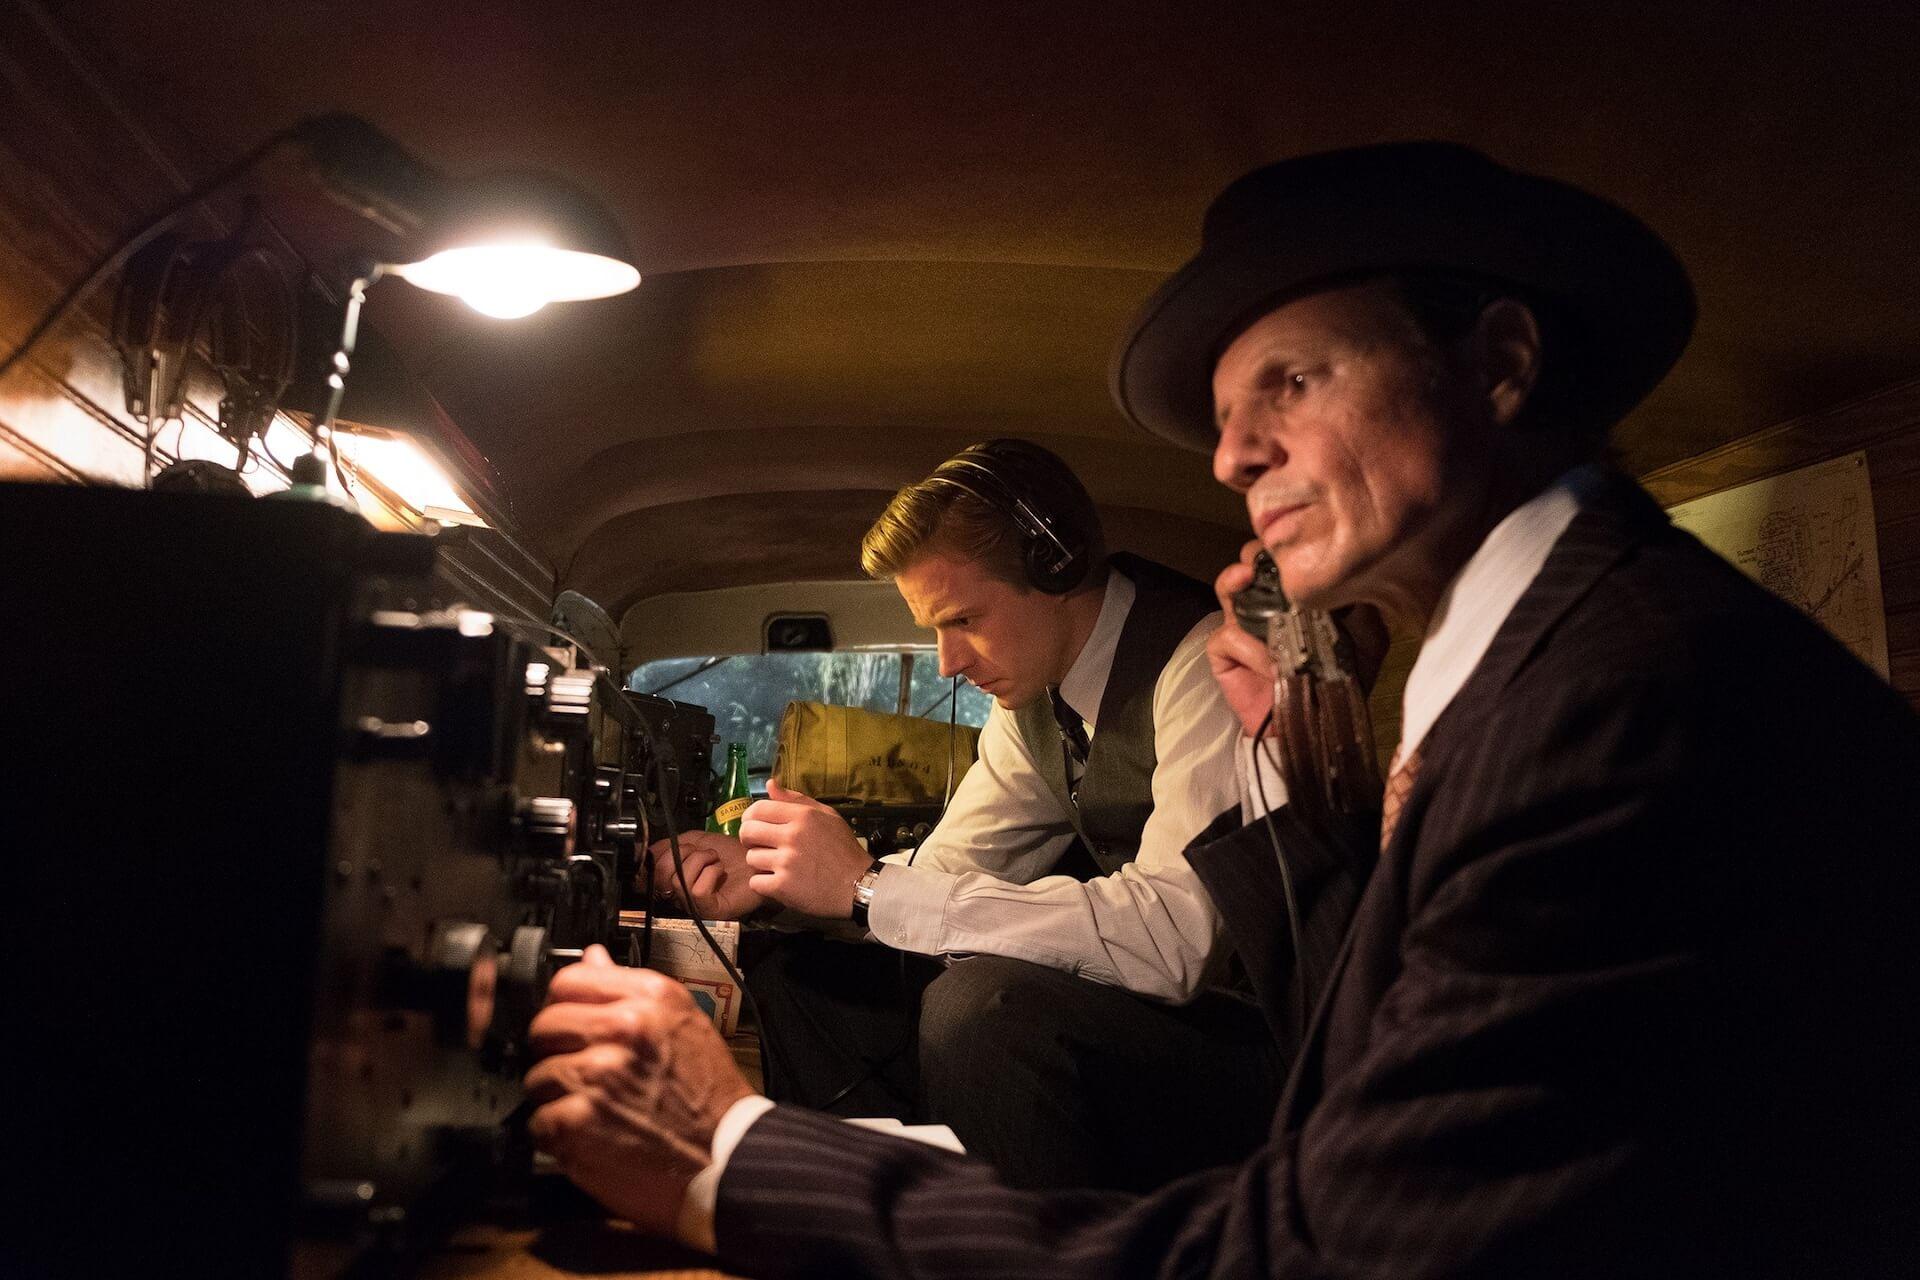 晩年のアル・カポネを演じるトム・ハーディの魅力に迫る!『カポネ』の新場面写真&特別エピソードが到着 film210125_capone_3